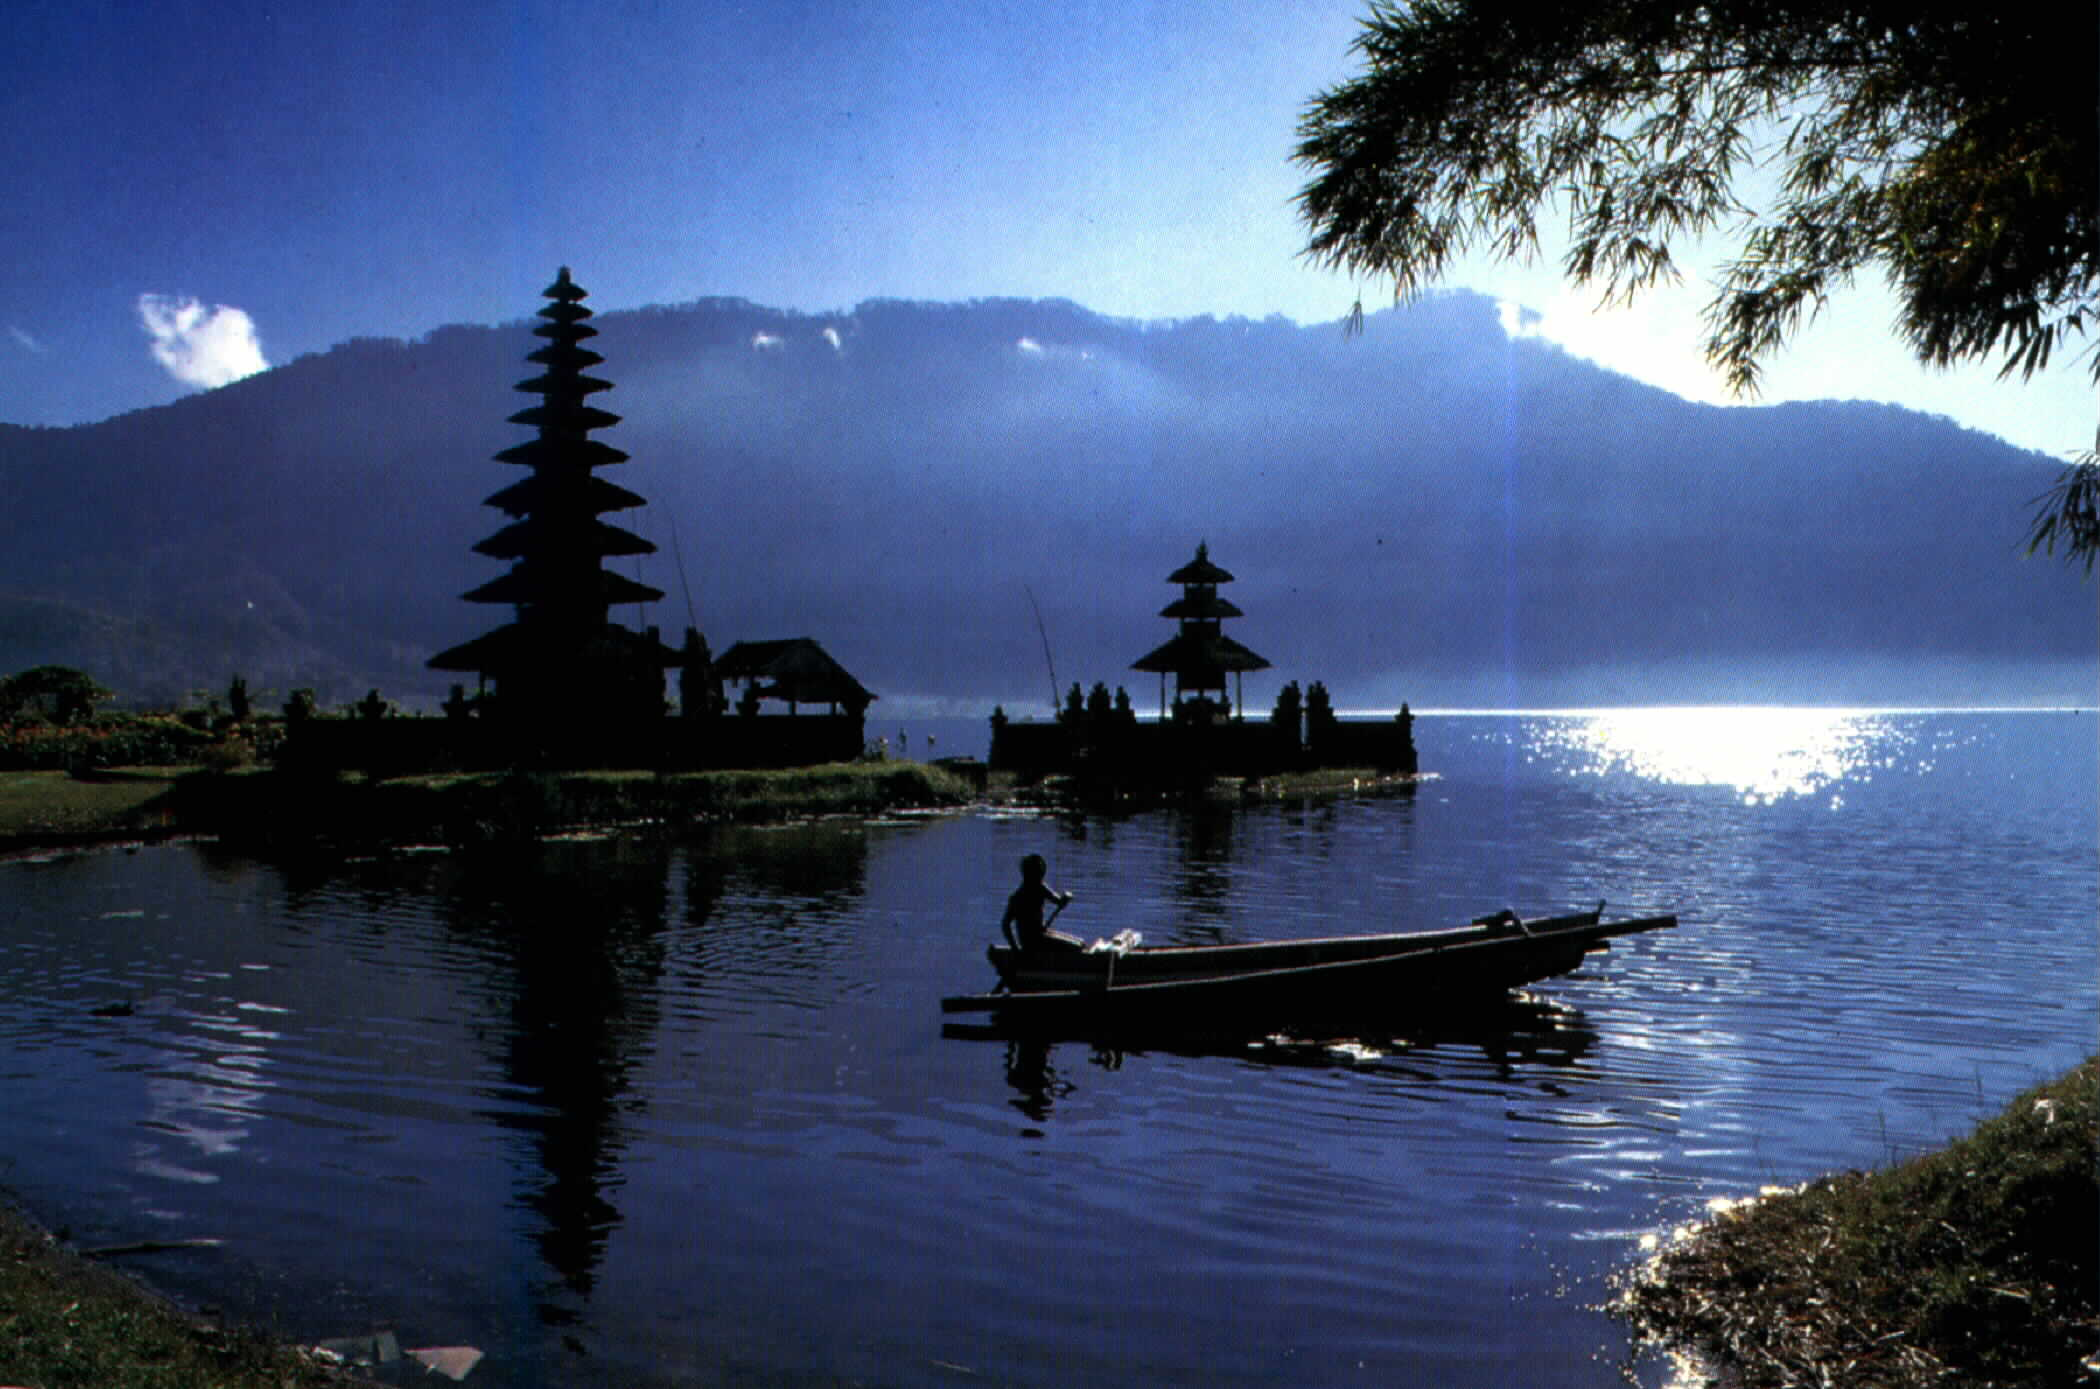 Kunjungi Keindahan Lembah Bali Utara Dengan Pa